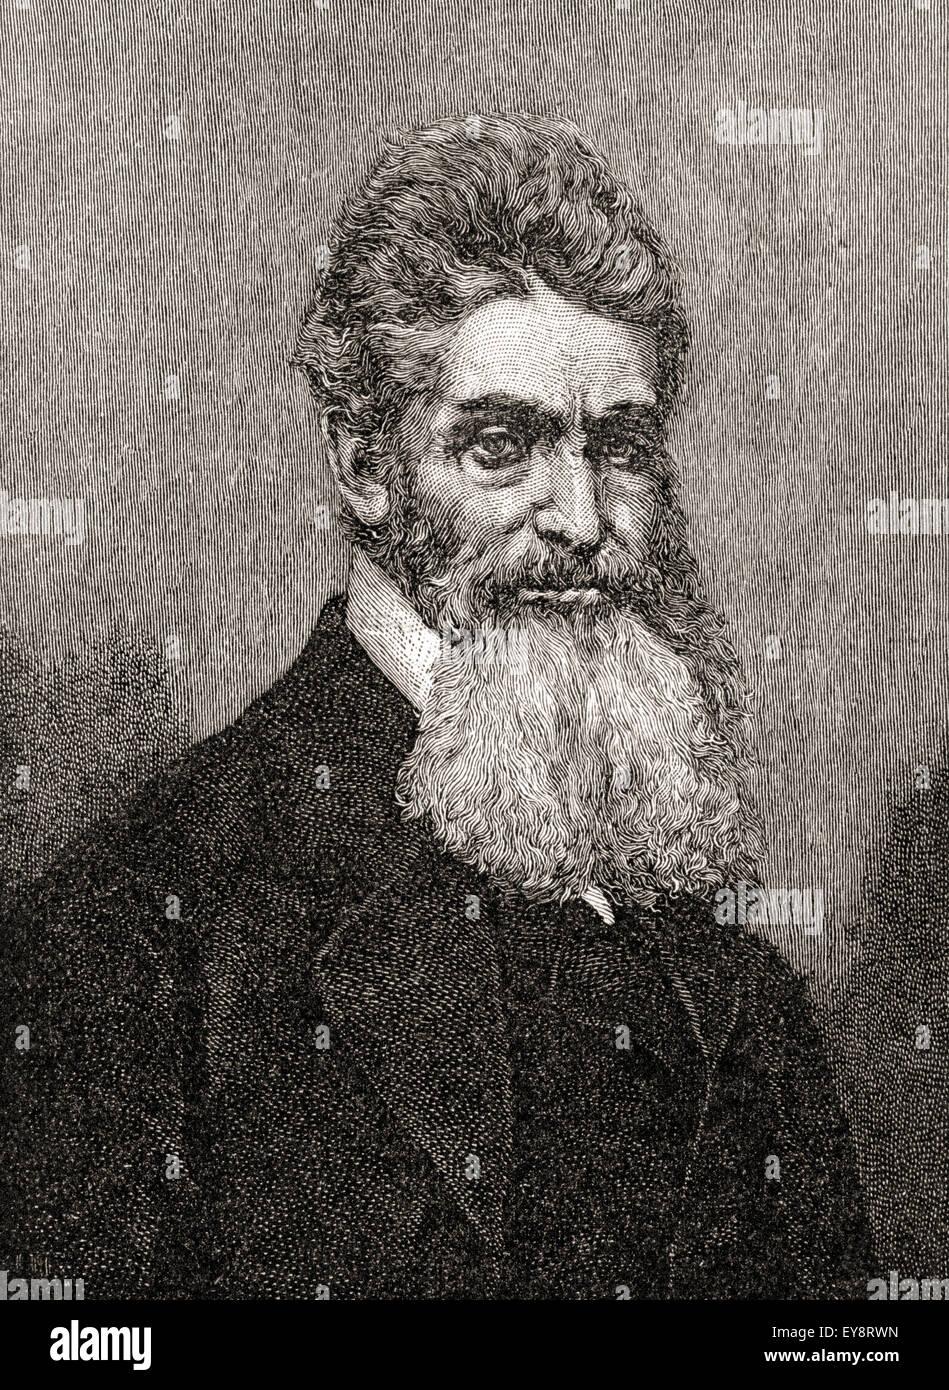 John Brown, 1800-1859.  Weiße amerikanische Abolitionist. Stockfoto